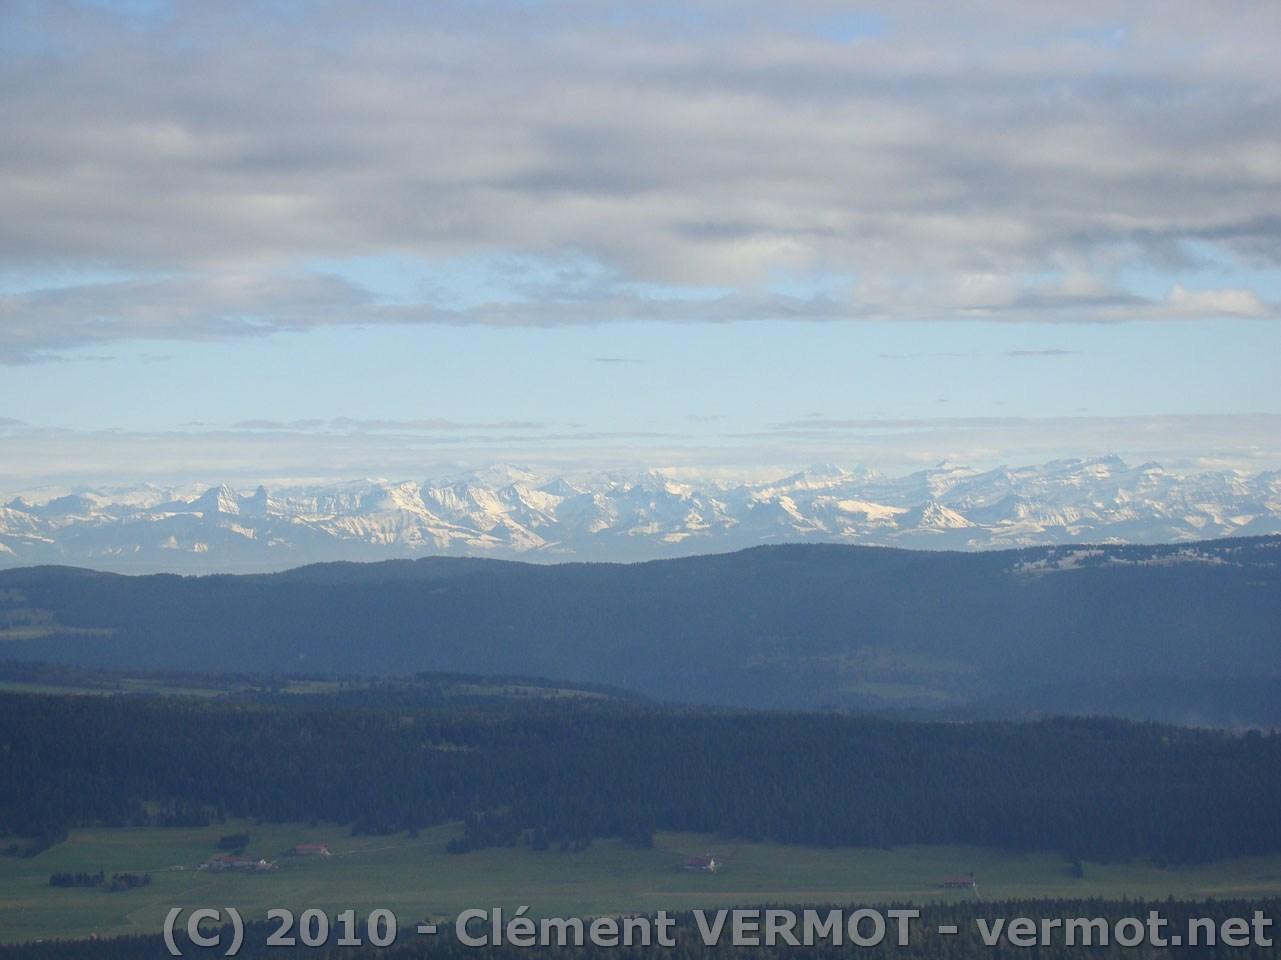 Les Alpes vus du ciel en ce jeudi 27 octobre 2010